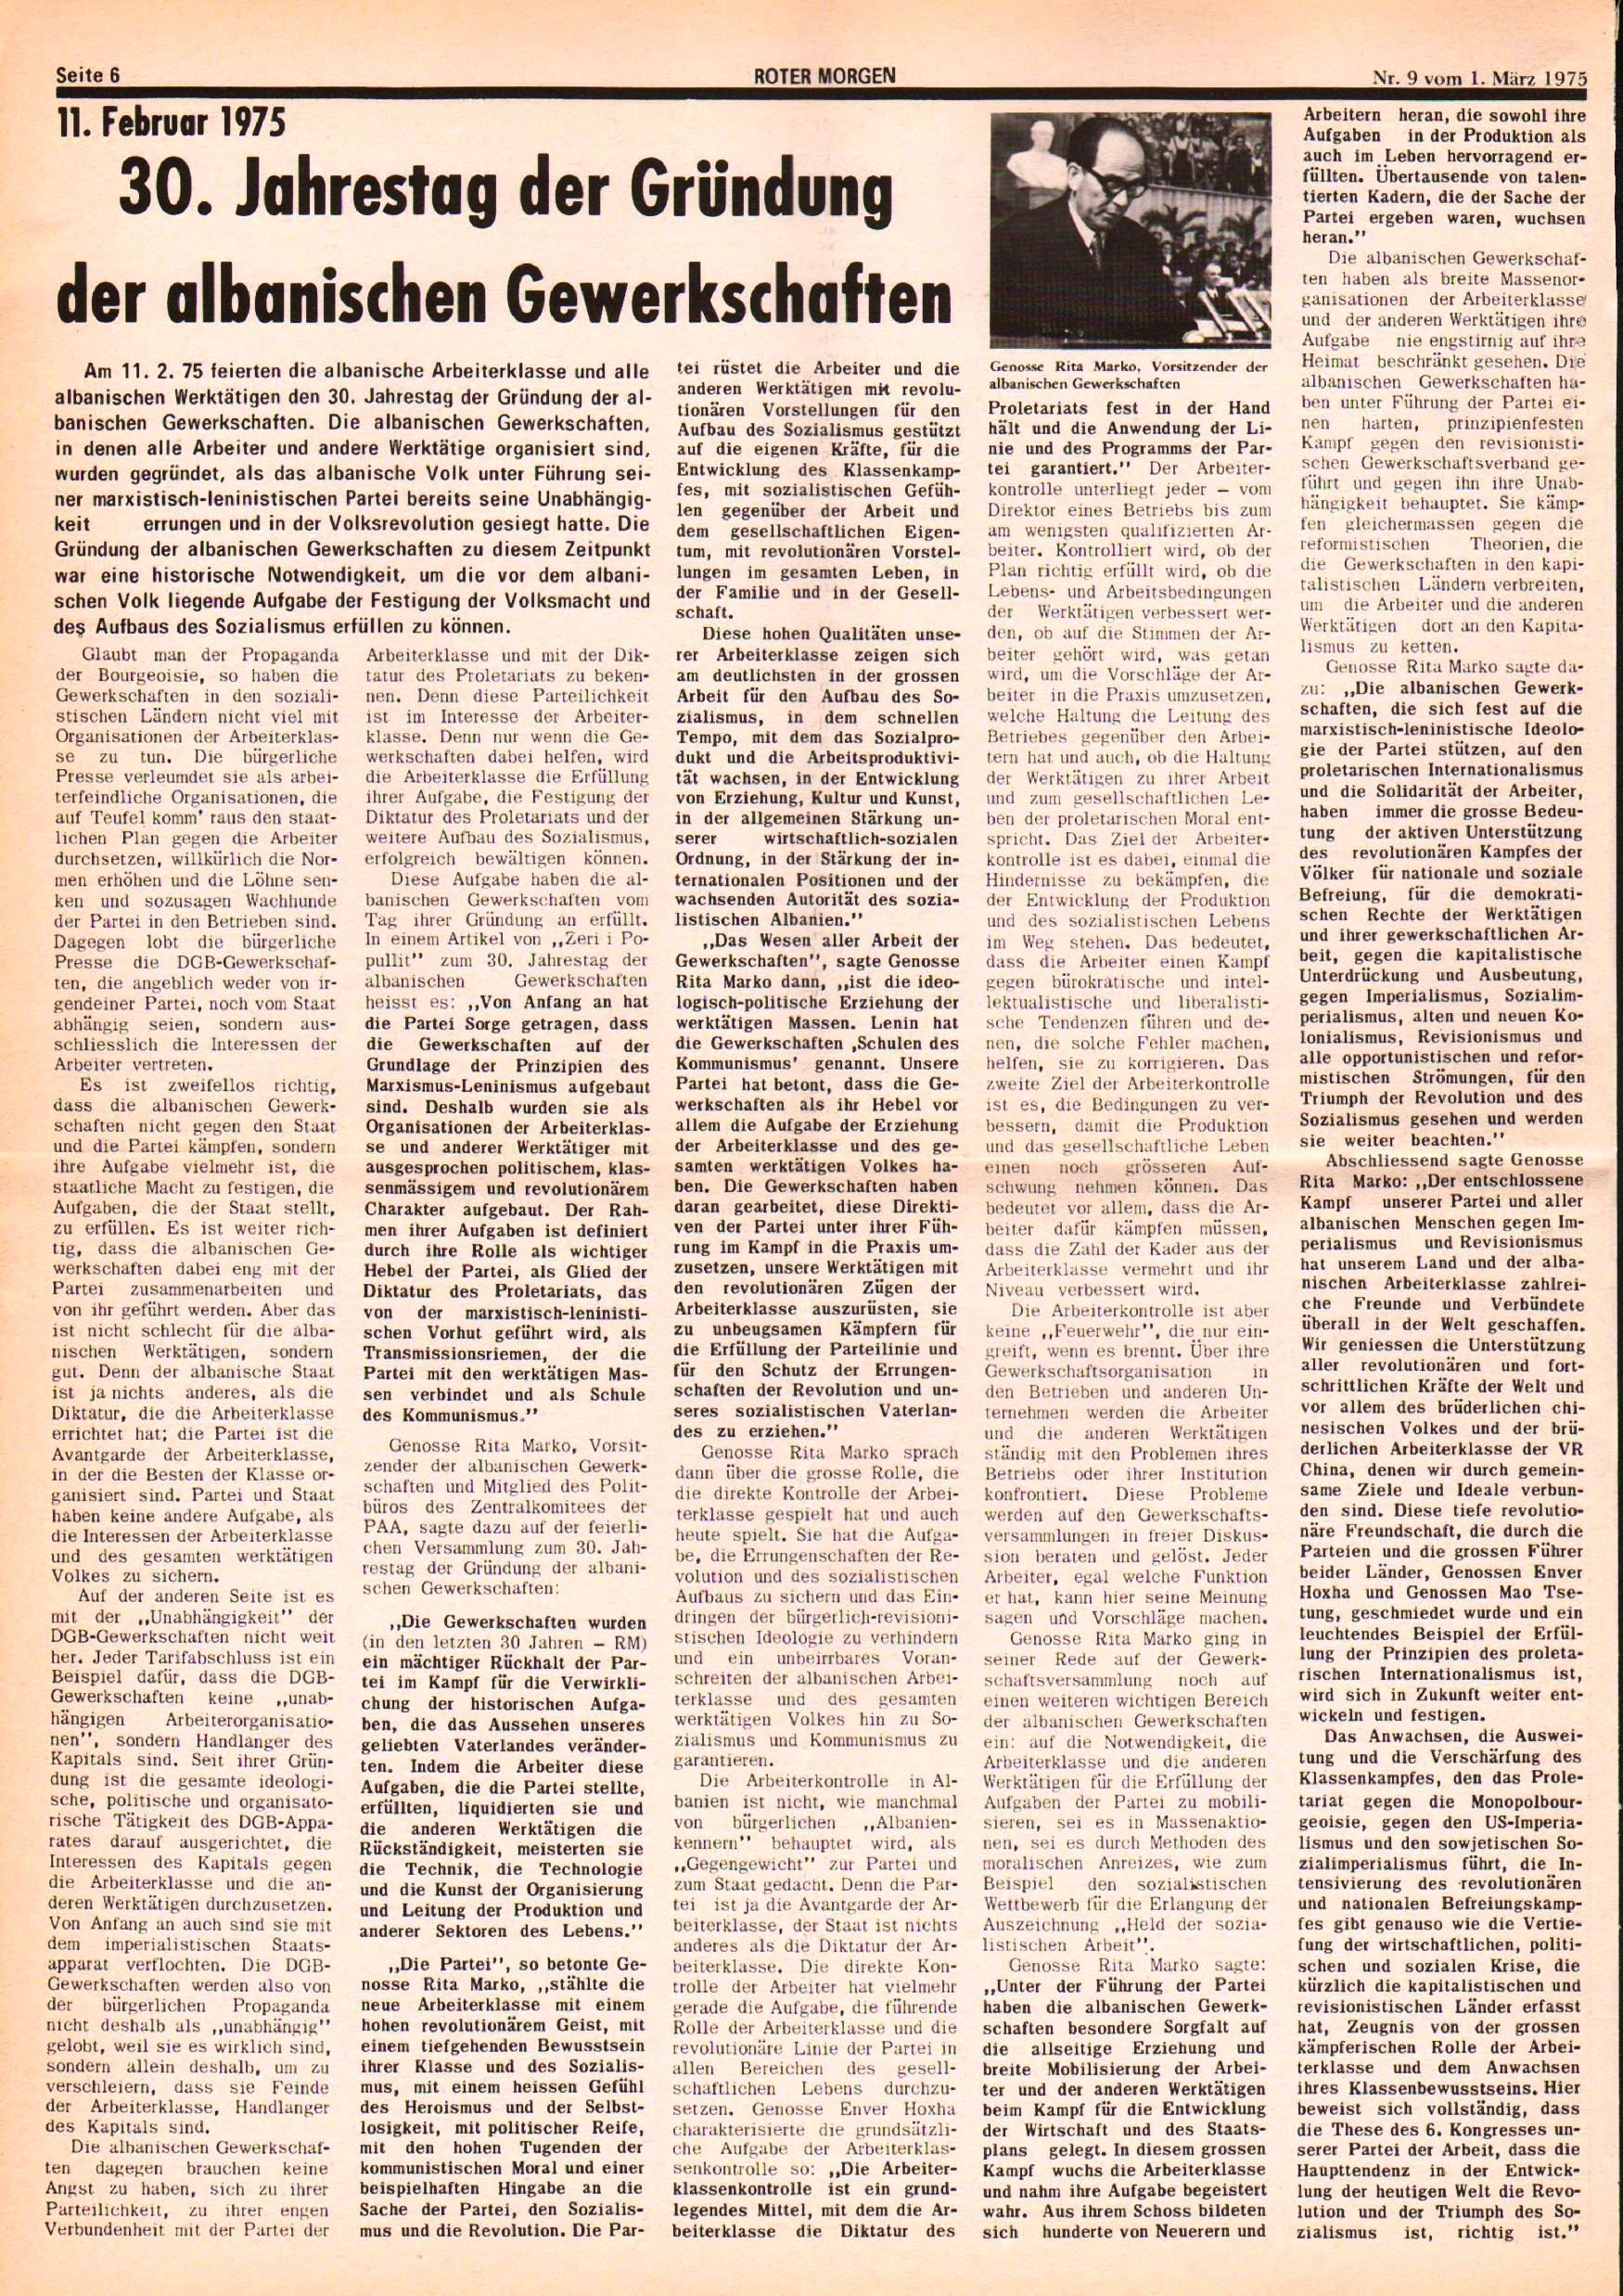 Roter Morgen, 9. Jg., 1. März 1975, Nr. 9, Seite 6